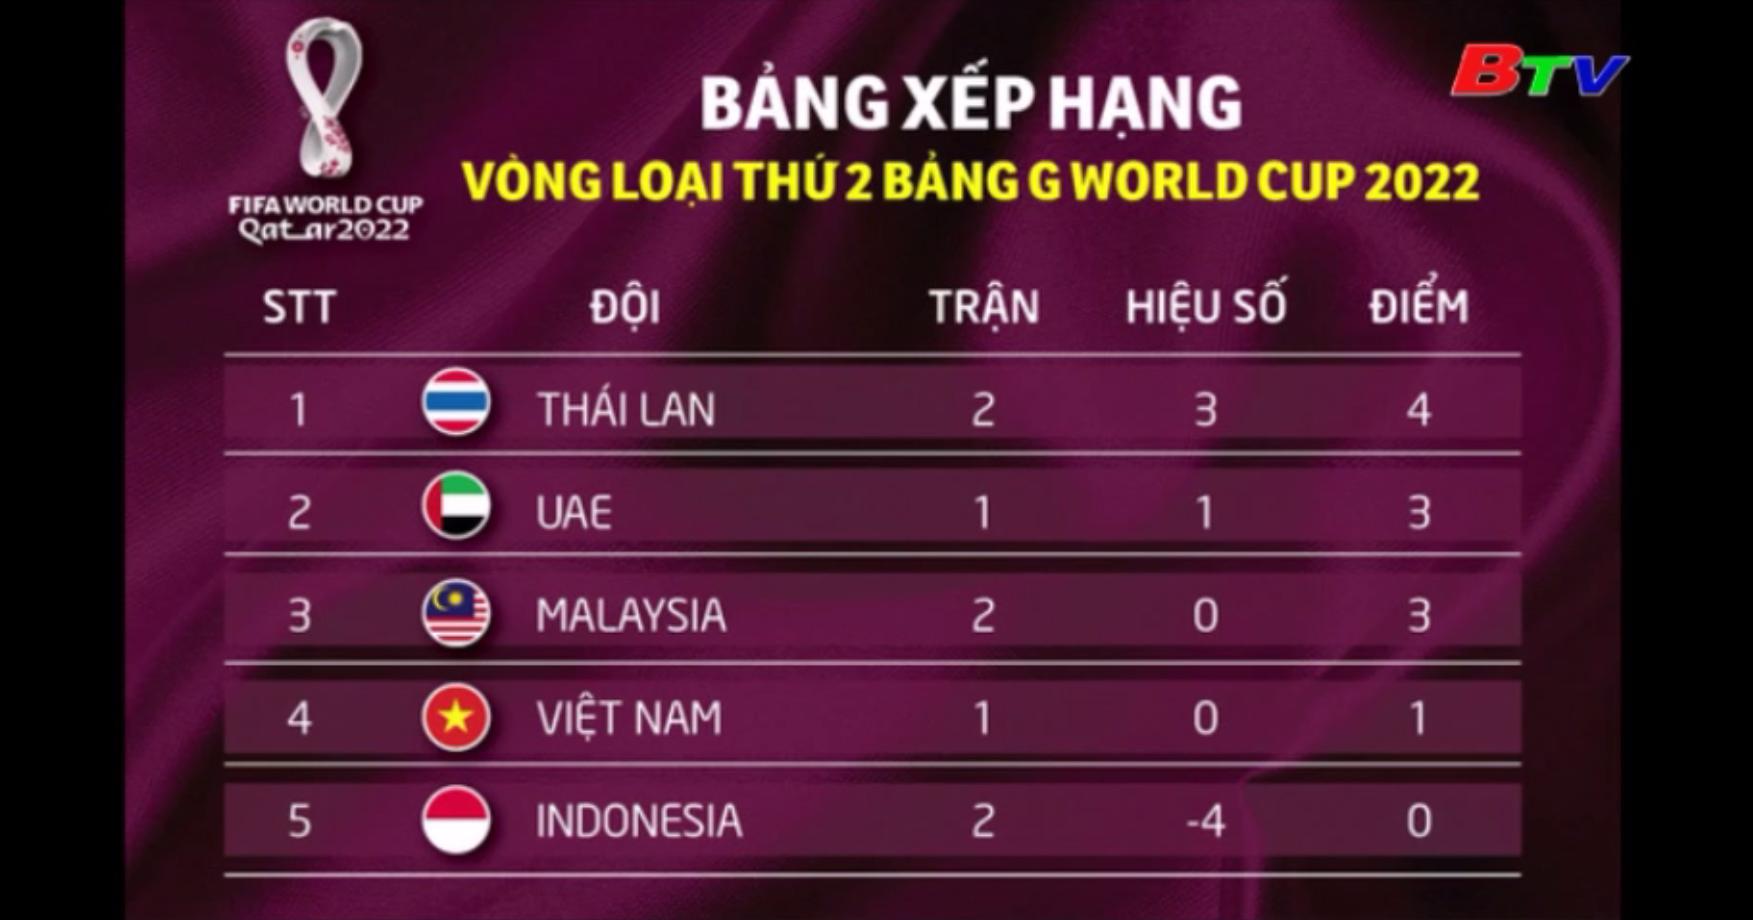 Thái Lan đánh bại Indonesia để lên ngôi đầu Bảng G - Vòng loại World Cup 2022